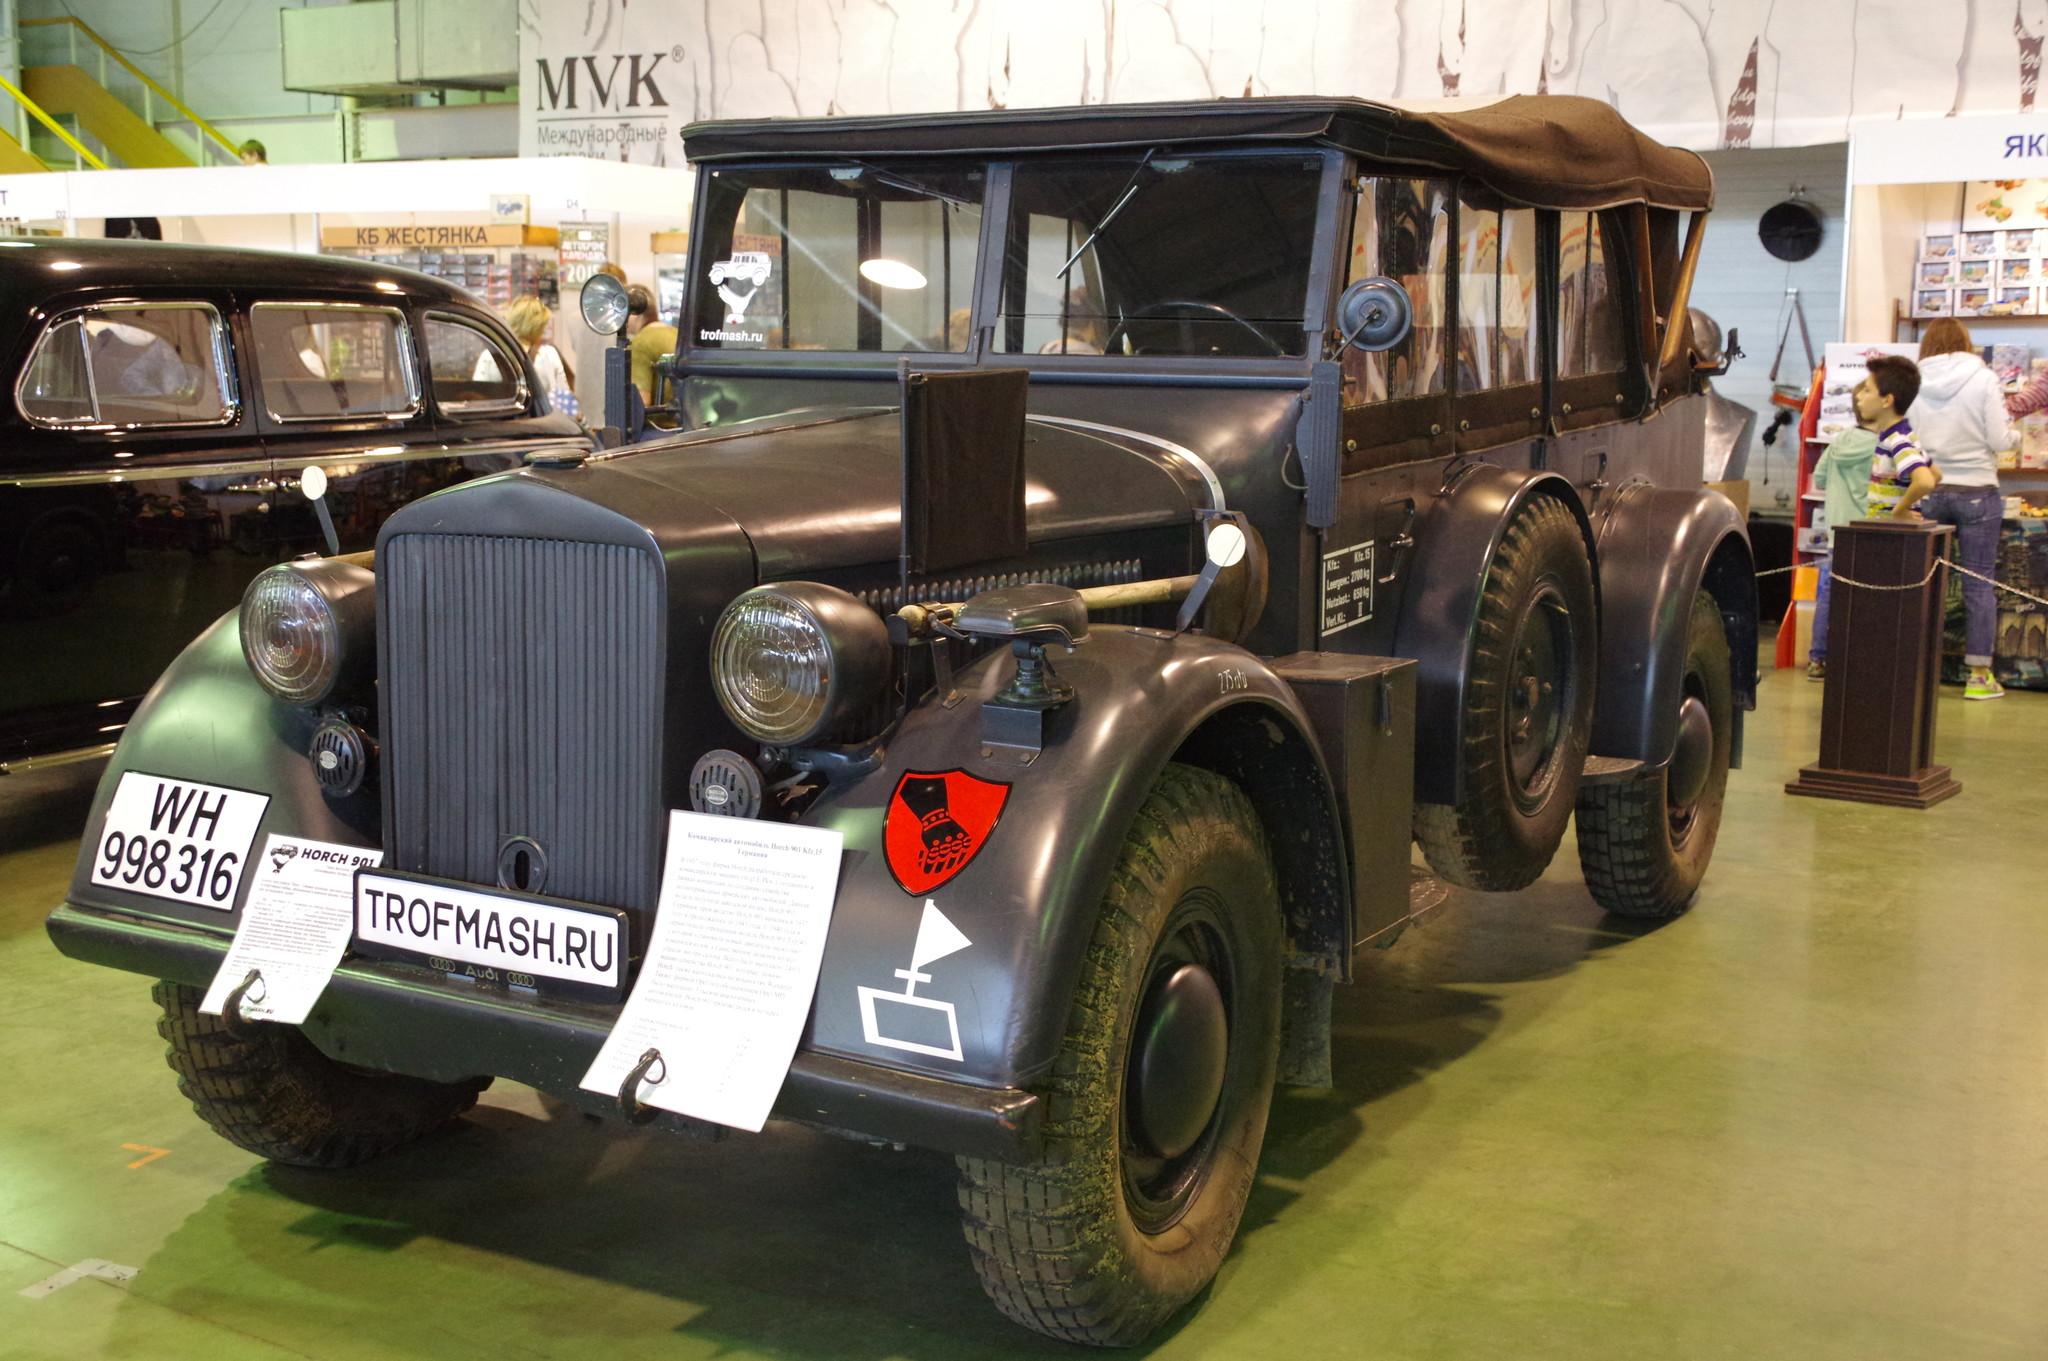 Командирский автомобиль Horch 901 Kfz.15